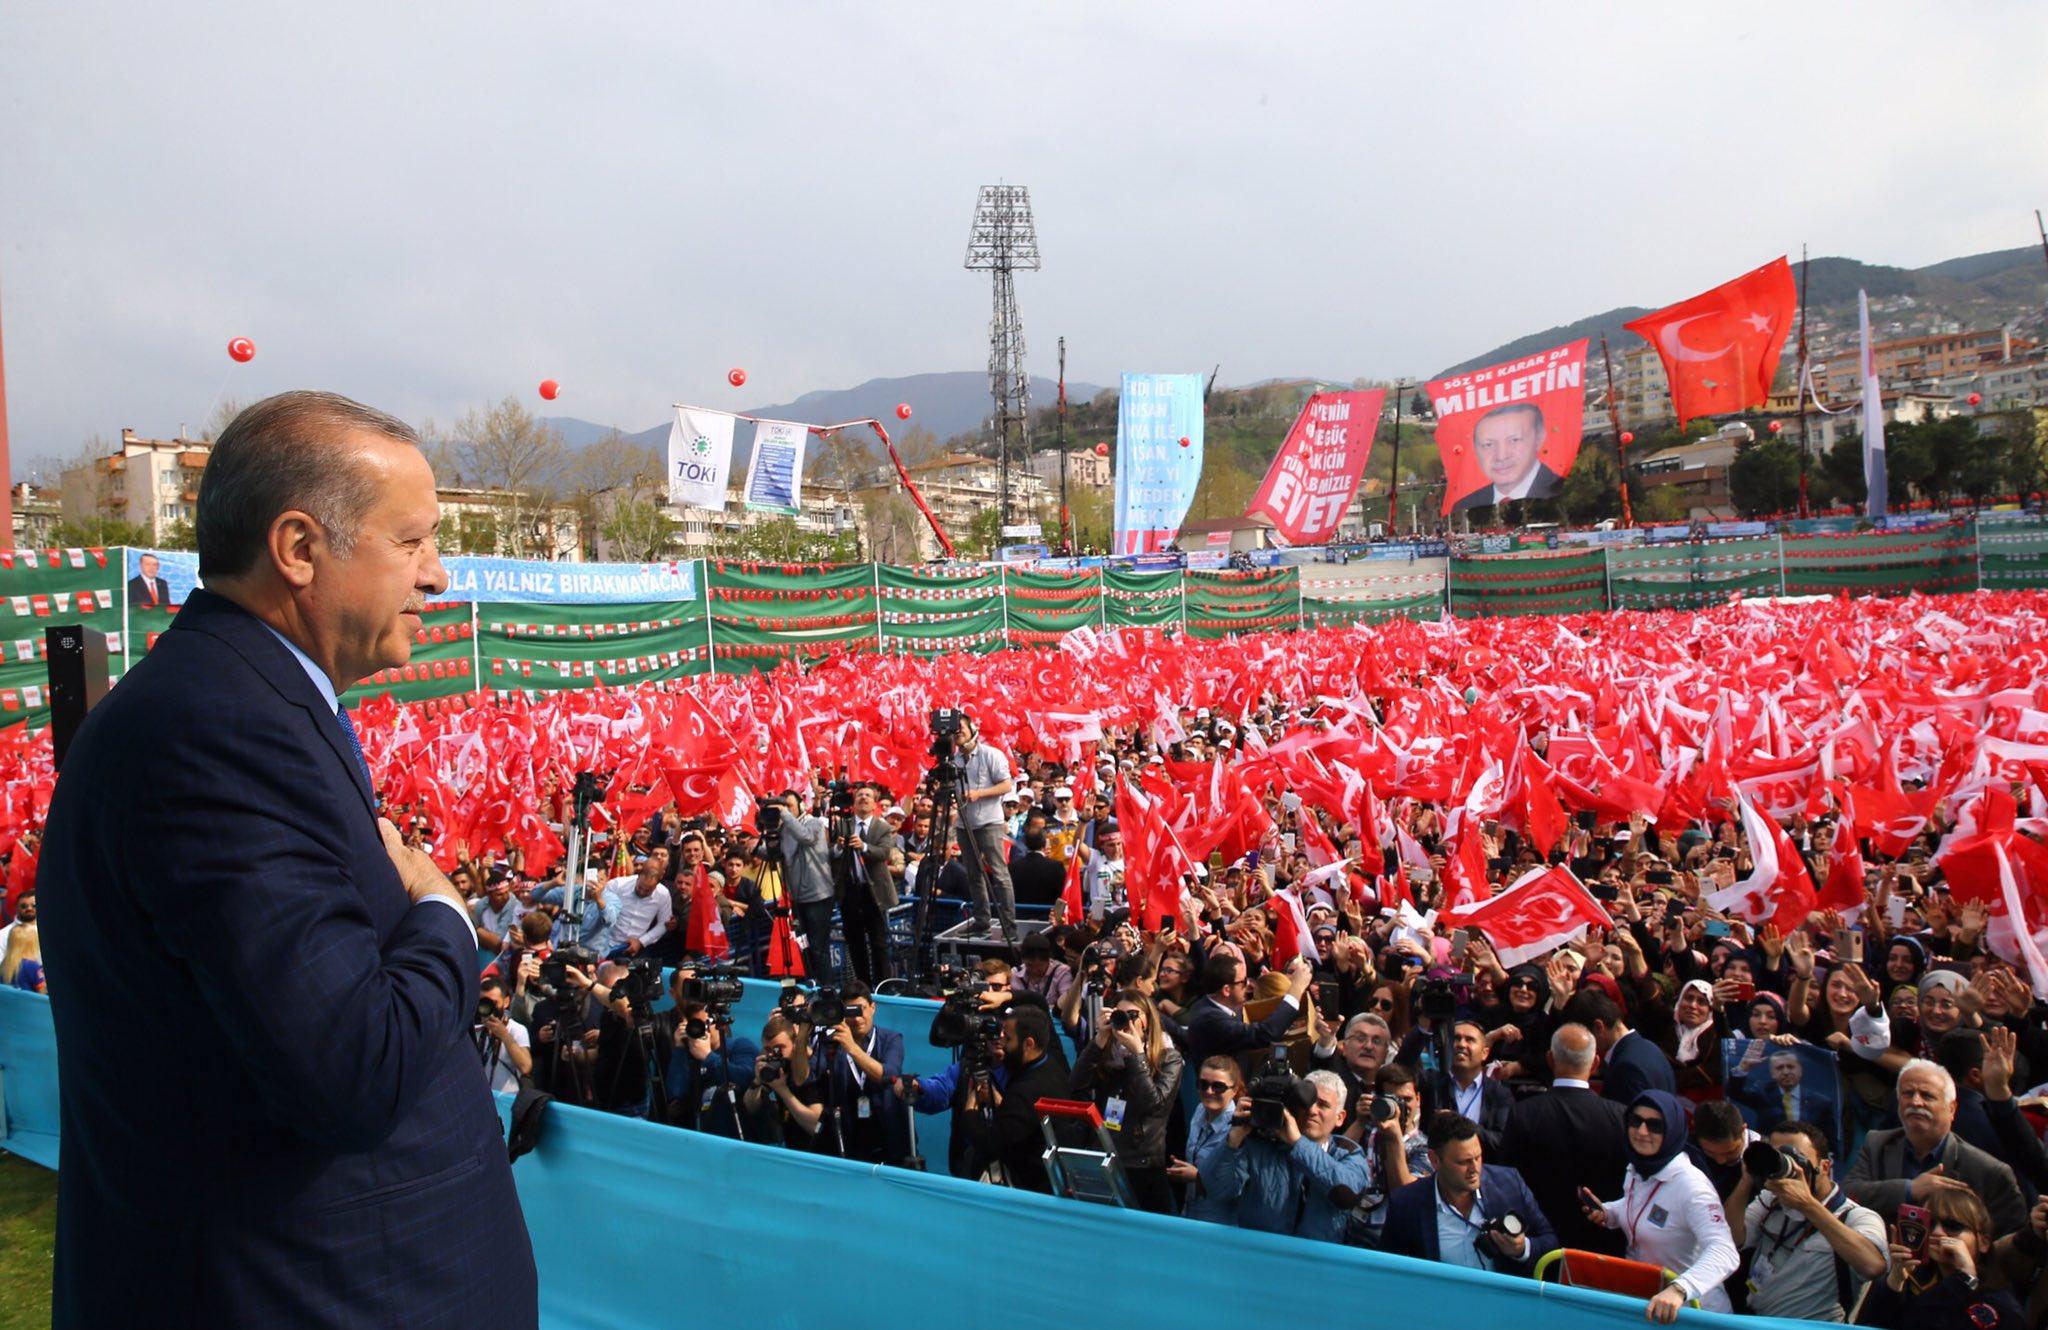 Teşekkürler Bursa! https://t.co/ru1Wzimr6s